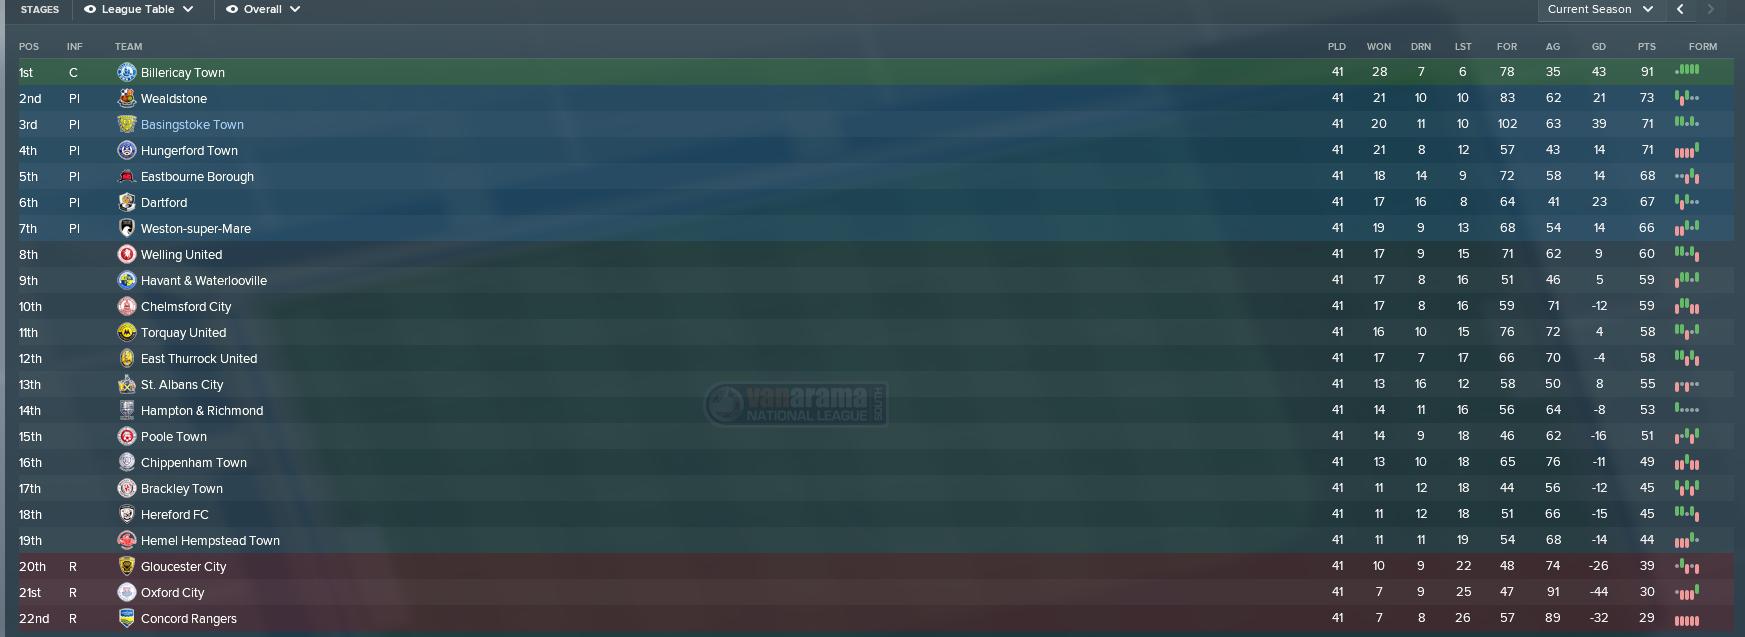 april_league_table.png